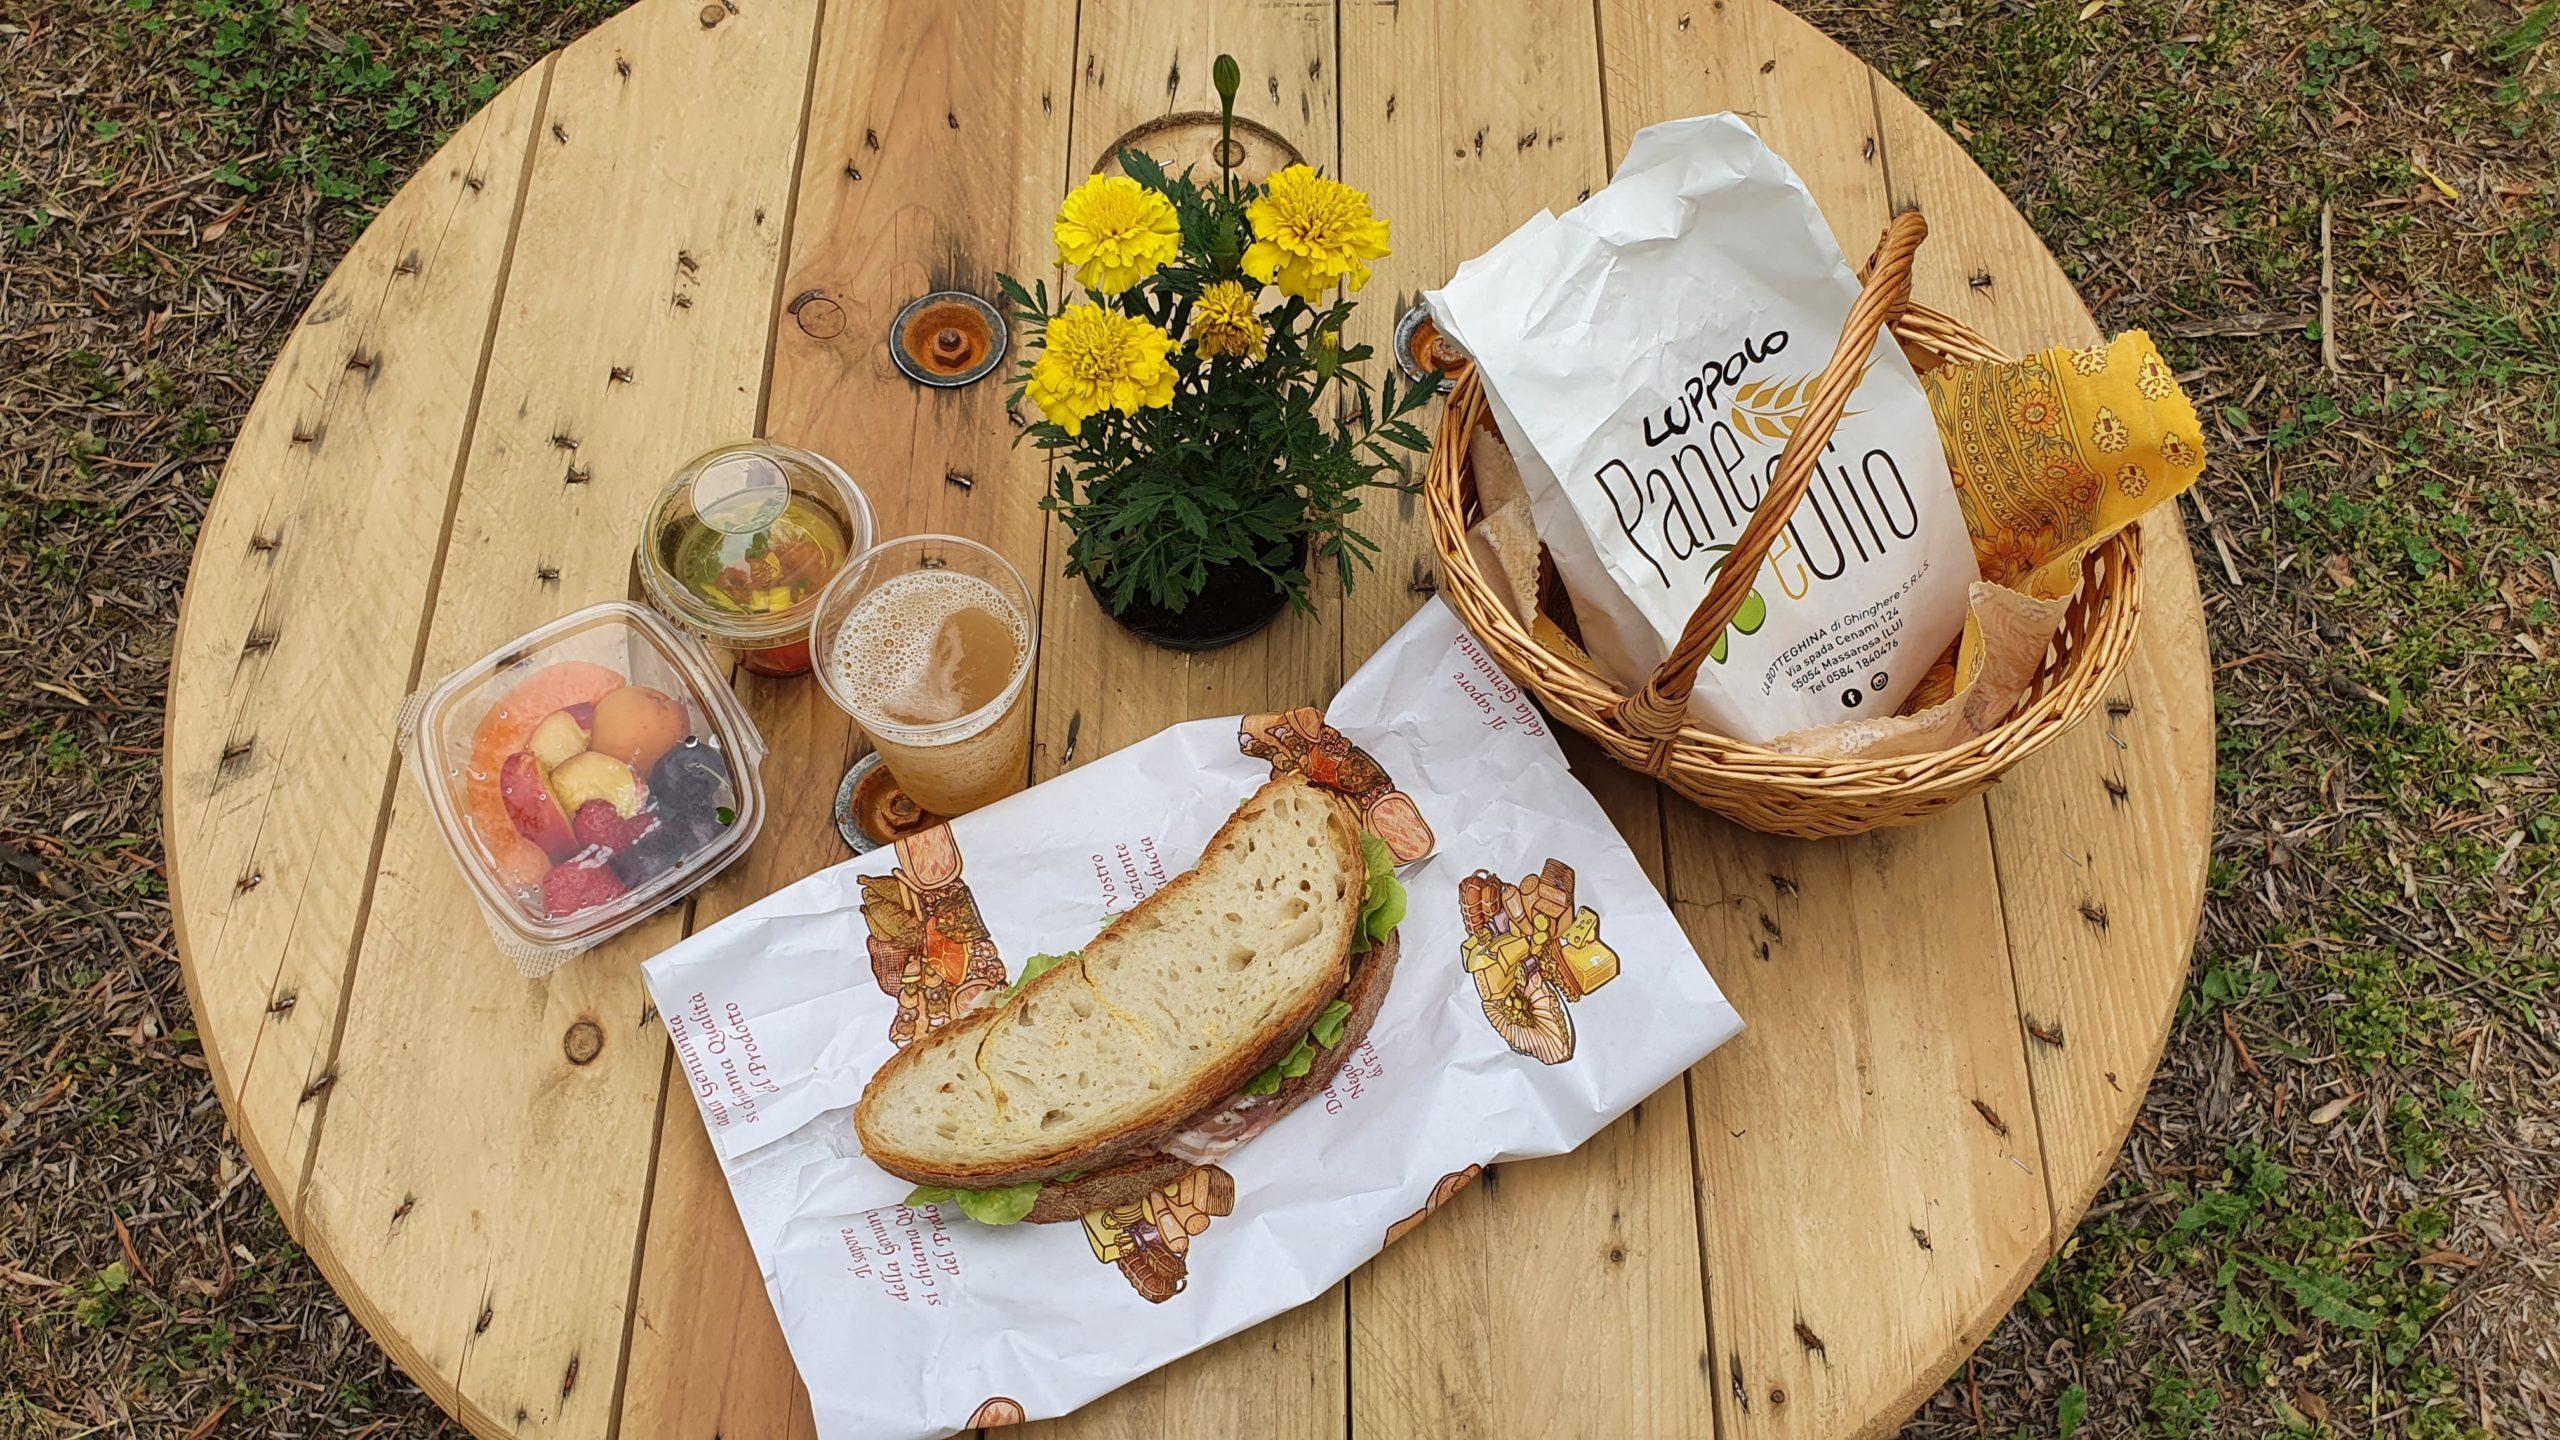 Cestino takeaway a km0 per picnic con prodotti locali di Massarosa